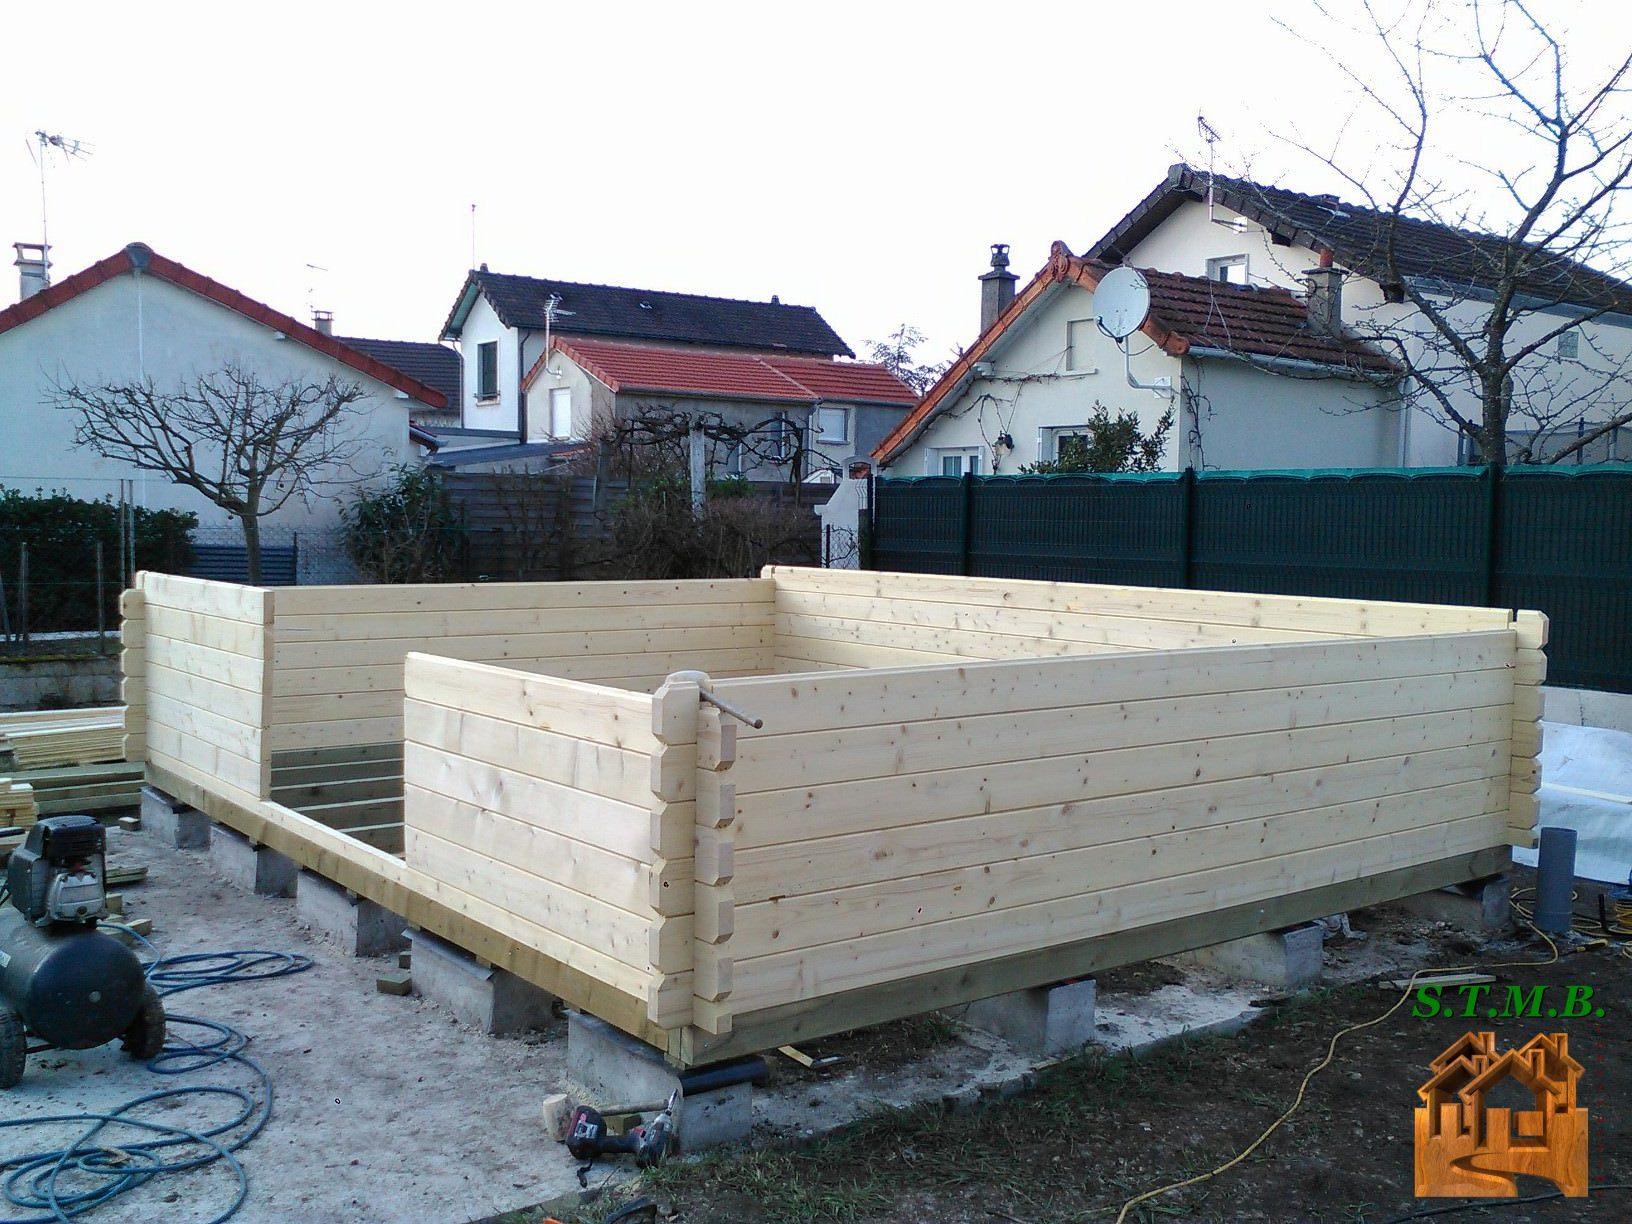 Comment Construire Sa Propre Cabane En Bois ? pour Construire Une Cabane De Jardin